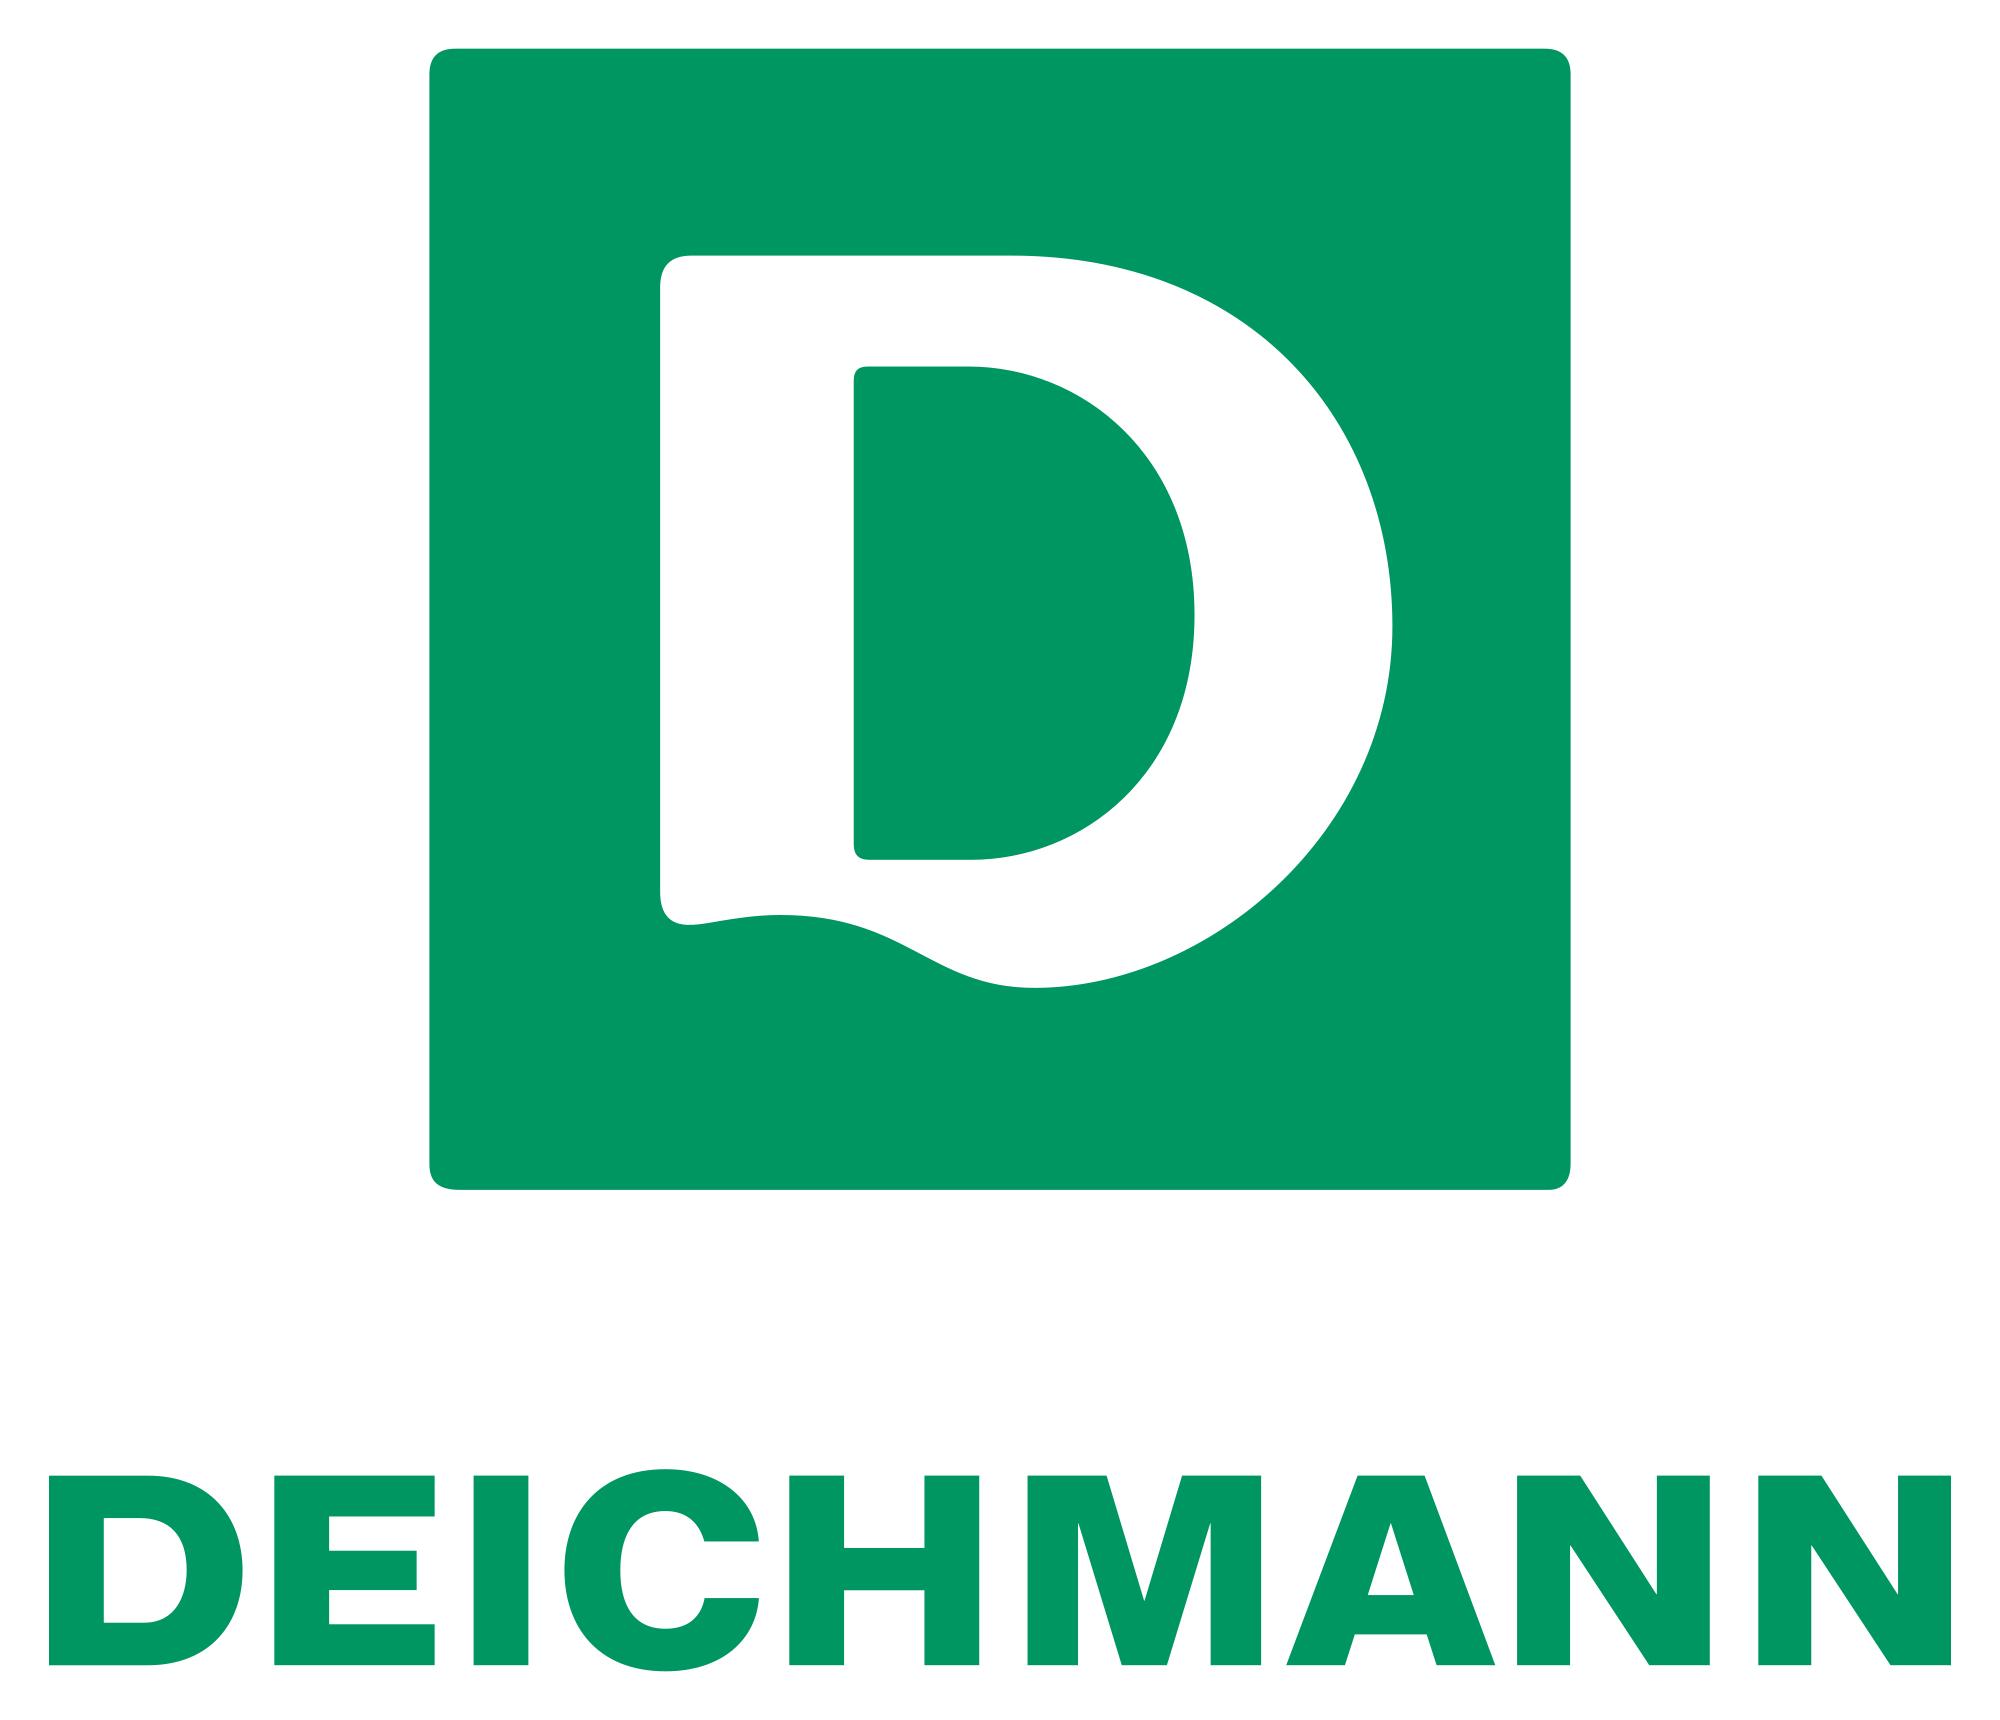 [ Shoop   Deichmann ] 14% Cashback + Bis zu 50% Rabatt auf eine riesige Auswahl aus dem Reduziert-Prospekt